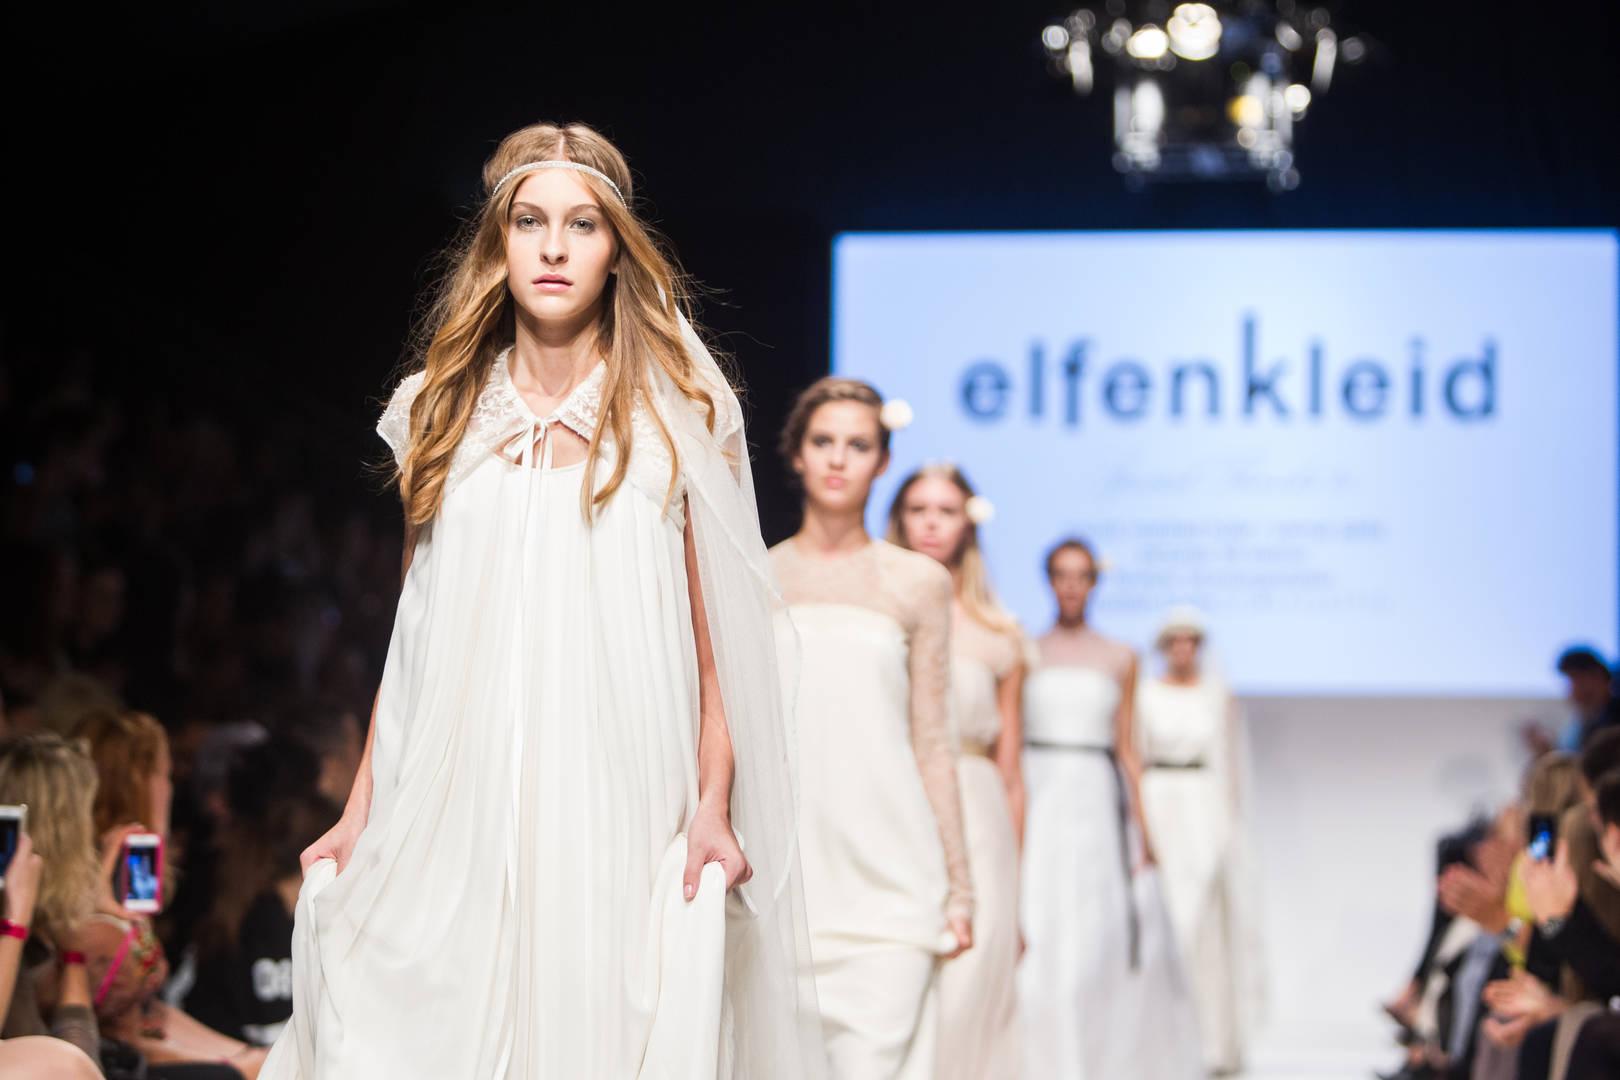 Vienna Fashion Week 2014, Elfenkleid